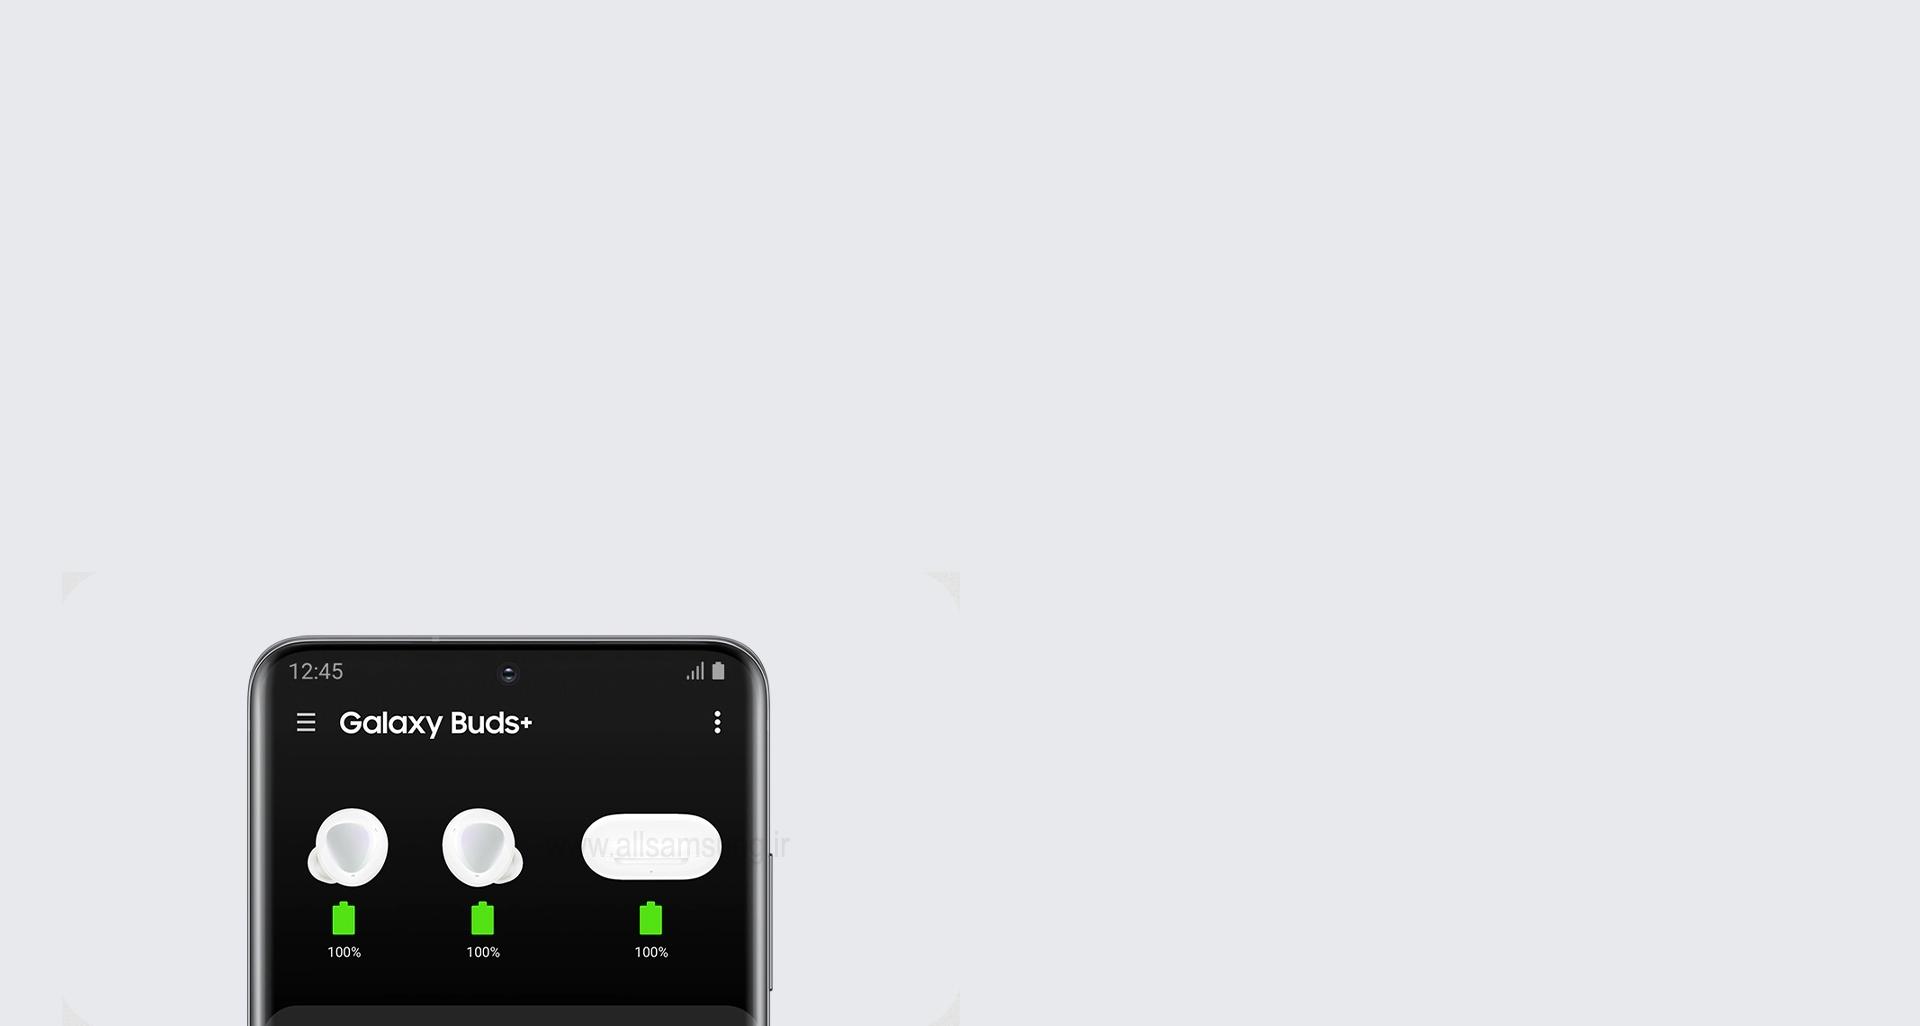 هشدار زمان نیاز به شارژ مجدد باتری توسط گلکسی بادز پلاس